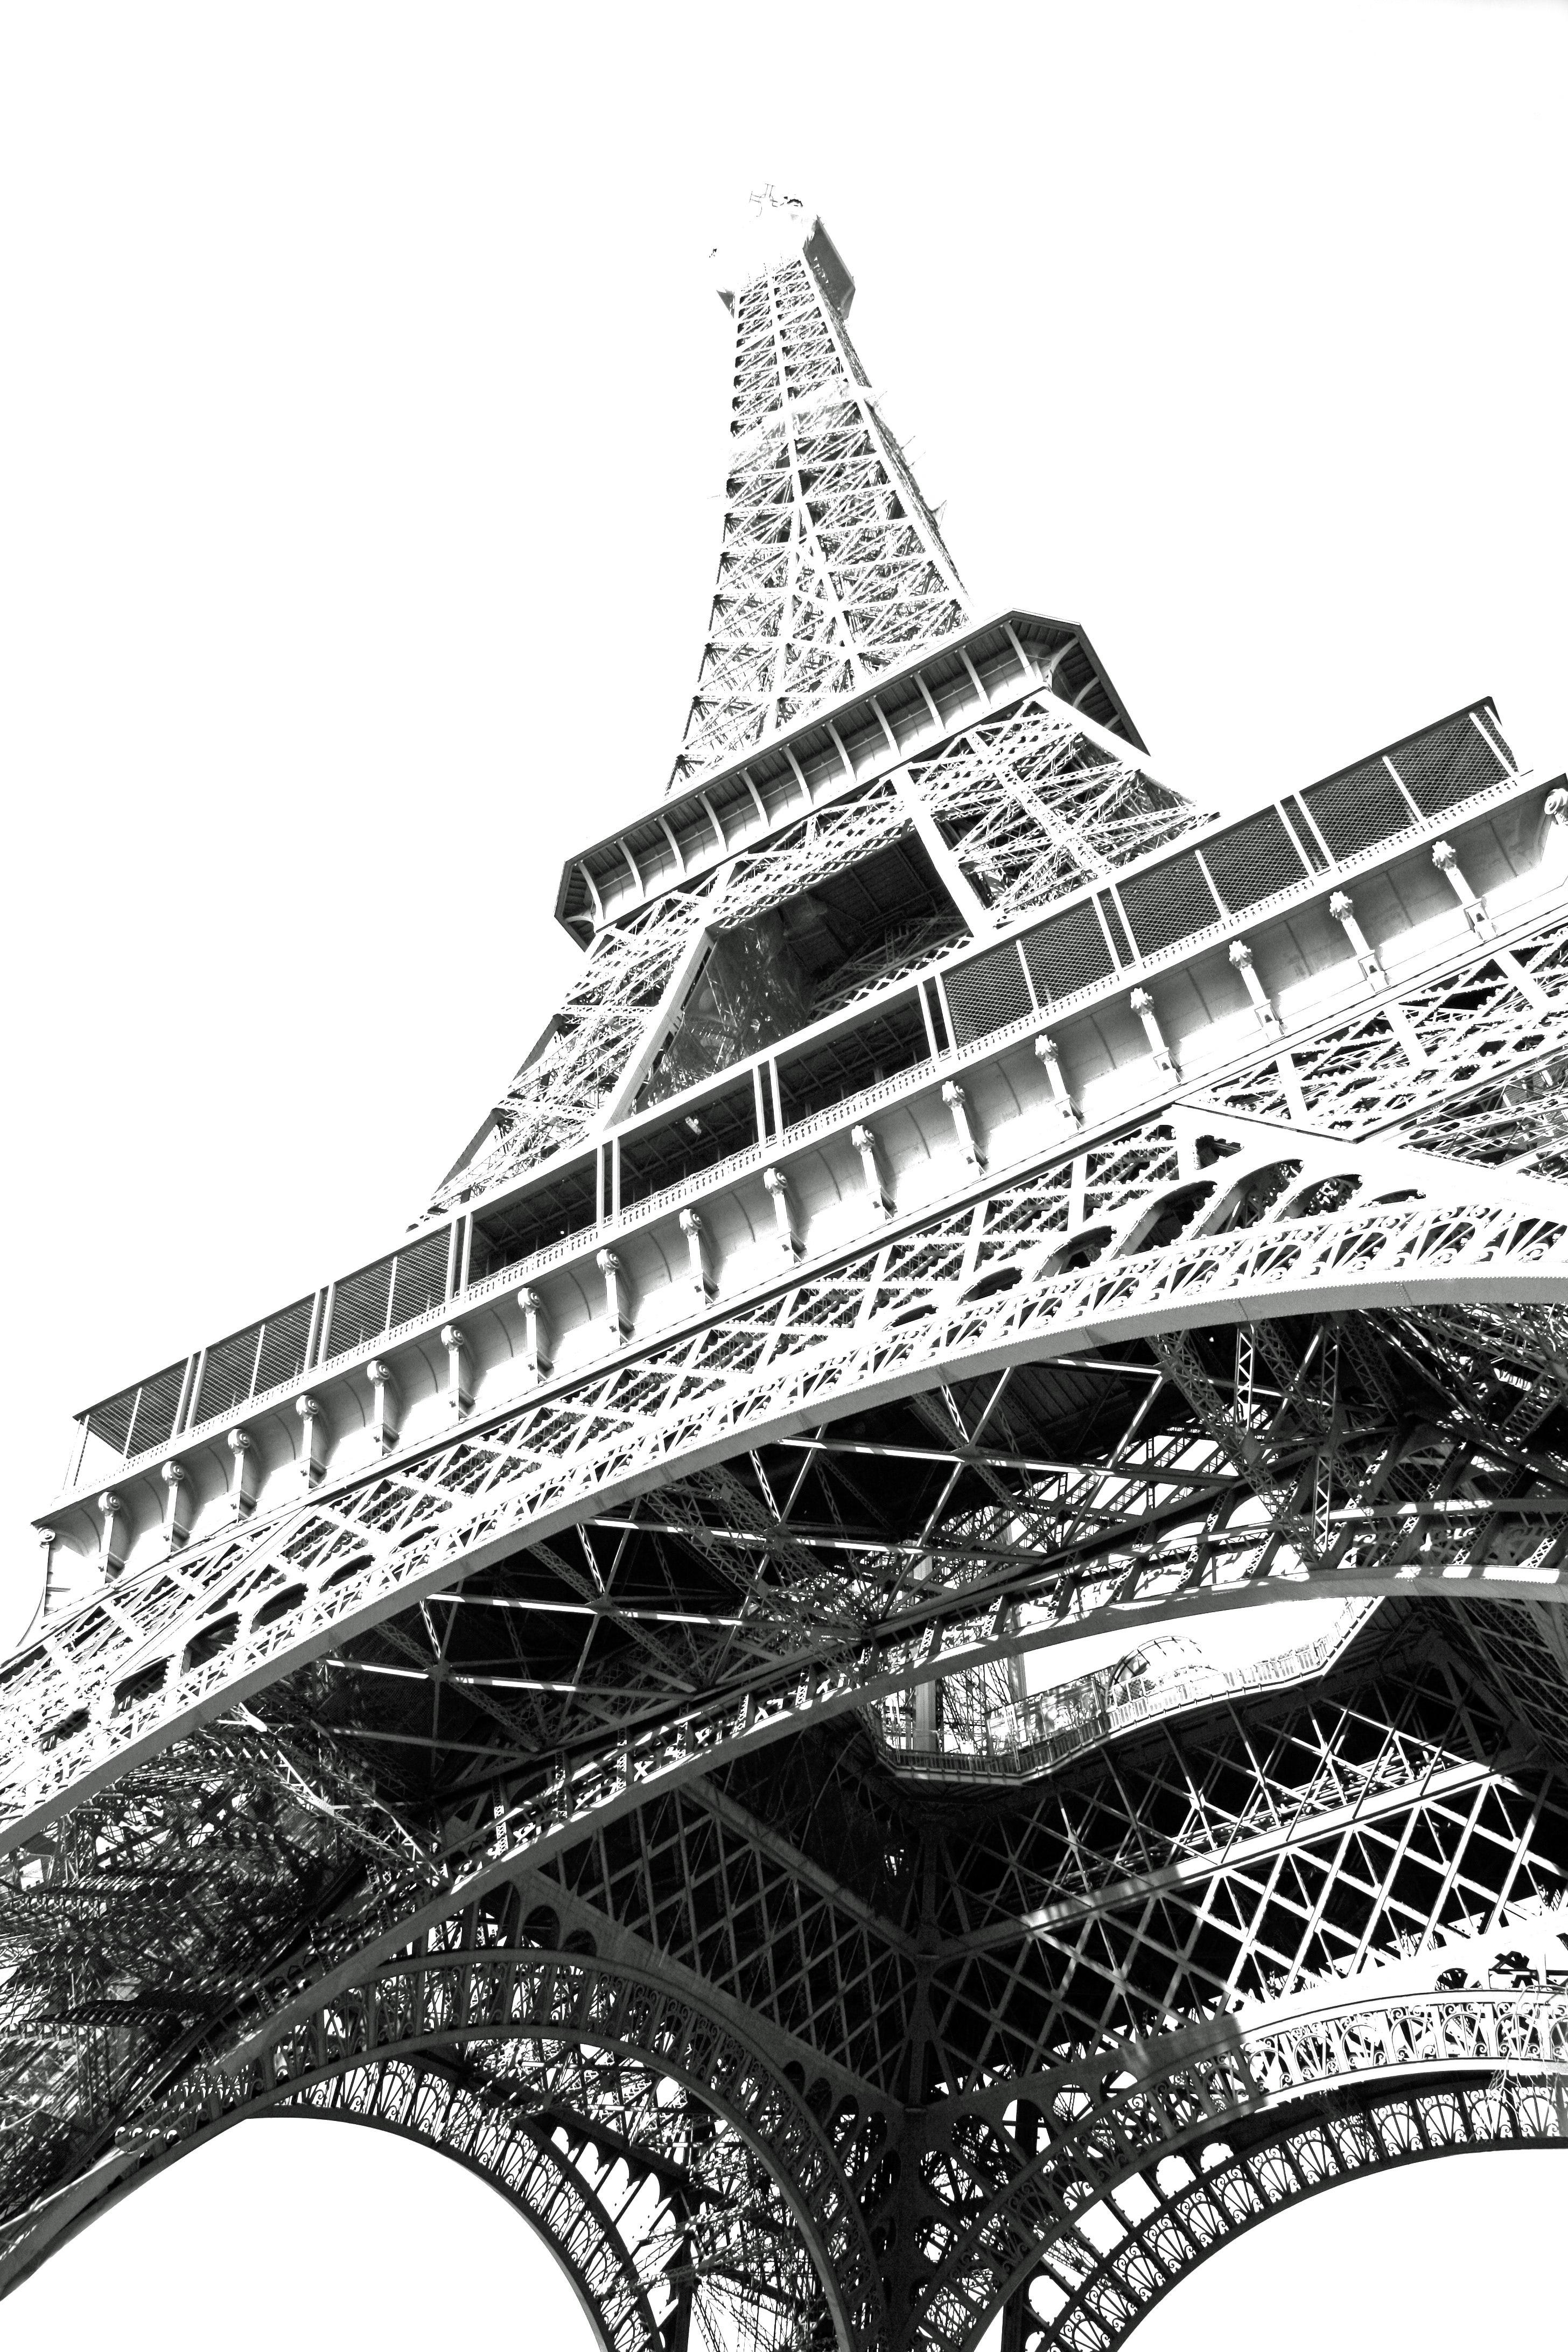 188 Sketsa Gambar Kota Paris